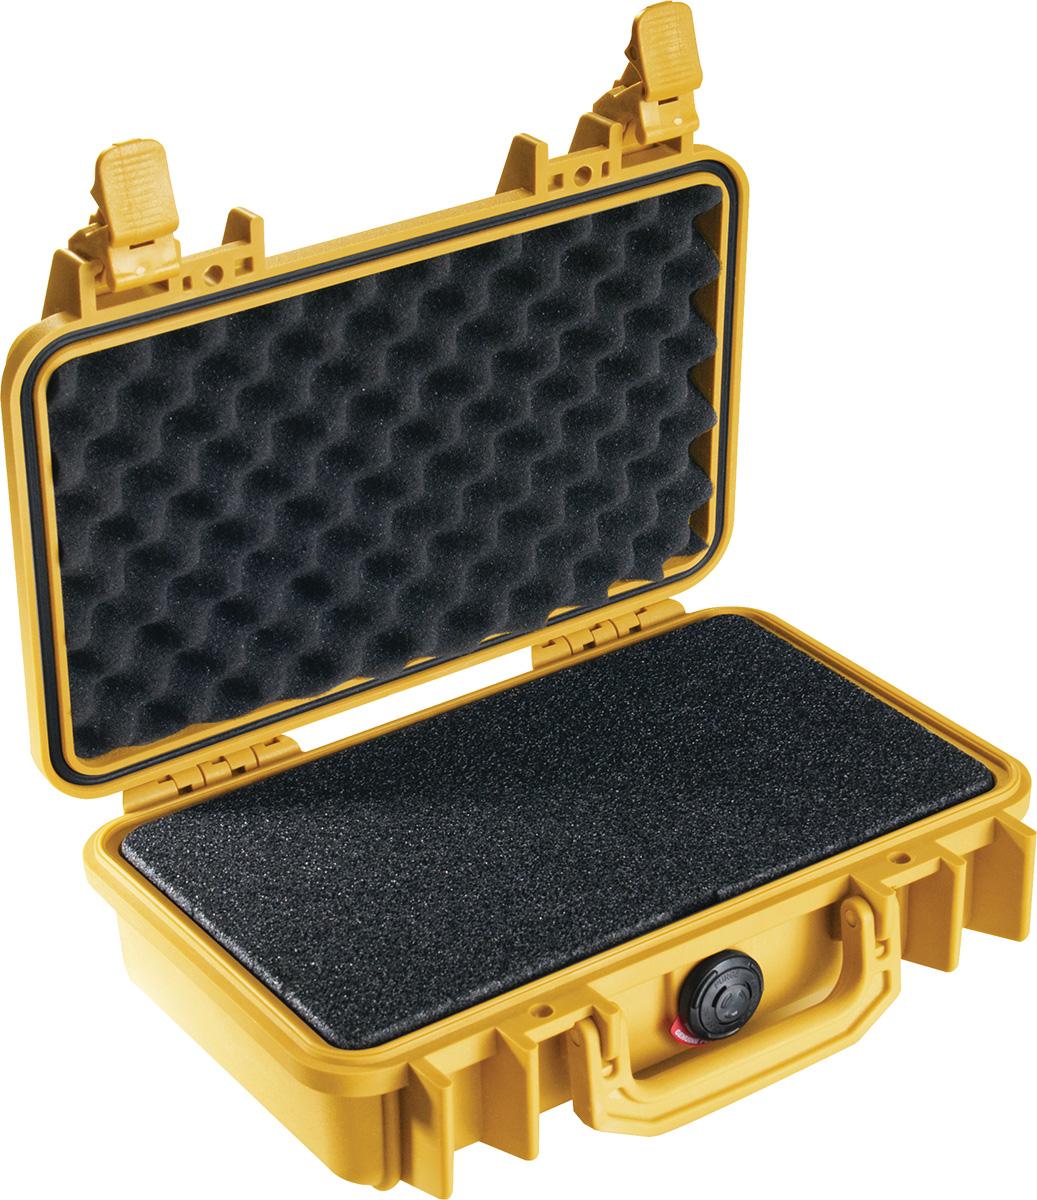 pelican 1170 yellow foam weapon case